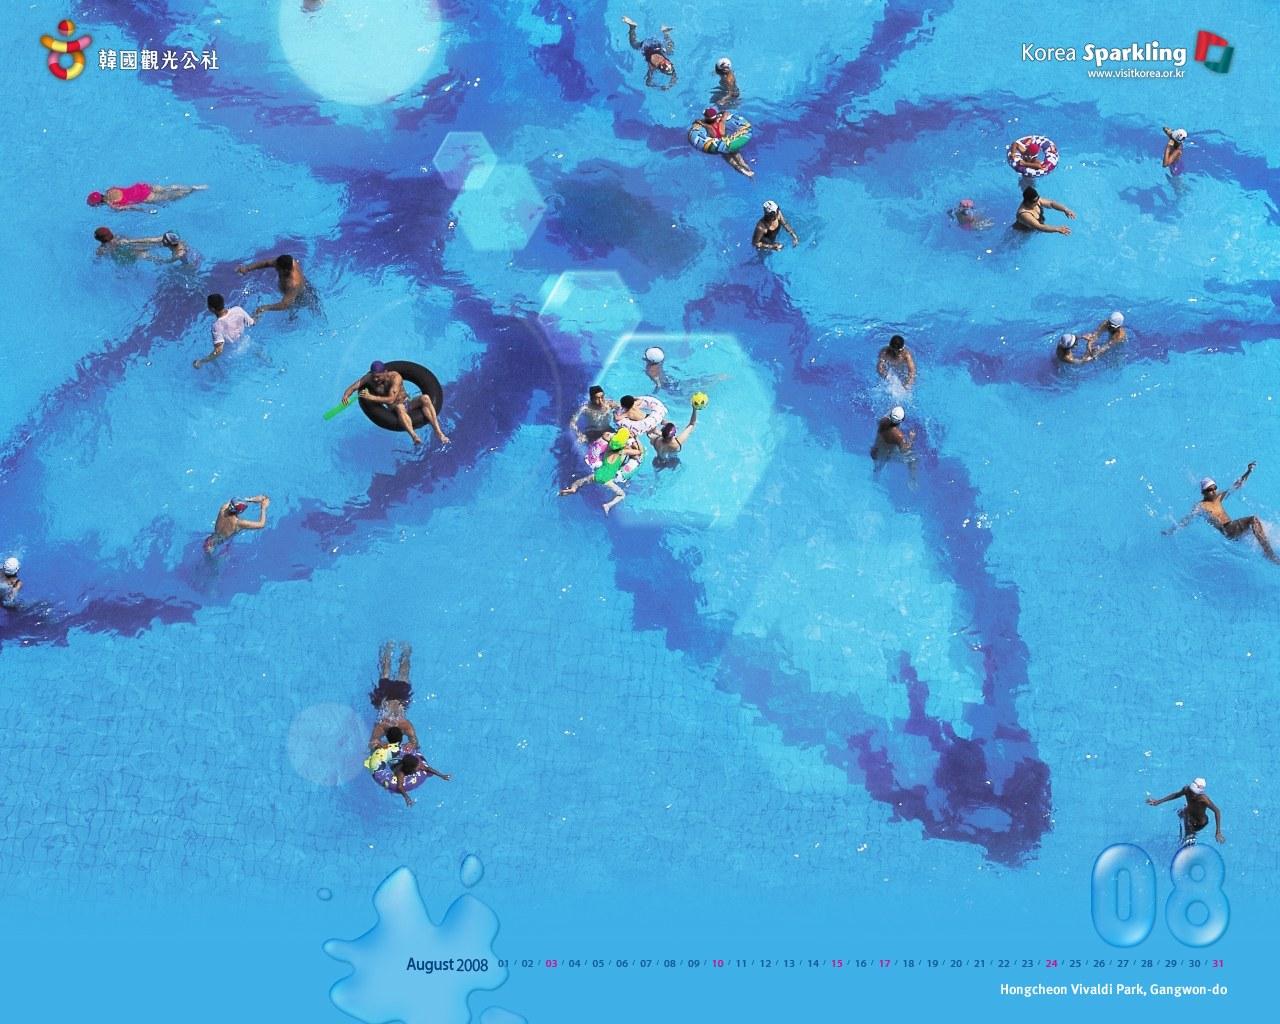 壁纸1280×1024韩国旅游 江原道维瓦尔第水上乐园壁纸 韩国映像馆韩国旅游宣传壁纸壁纸图片人文壁纸人文图片素材桌面壁纸